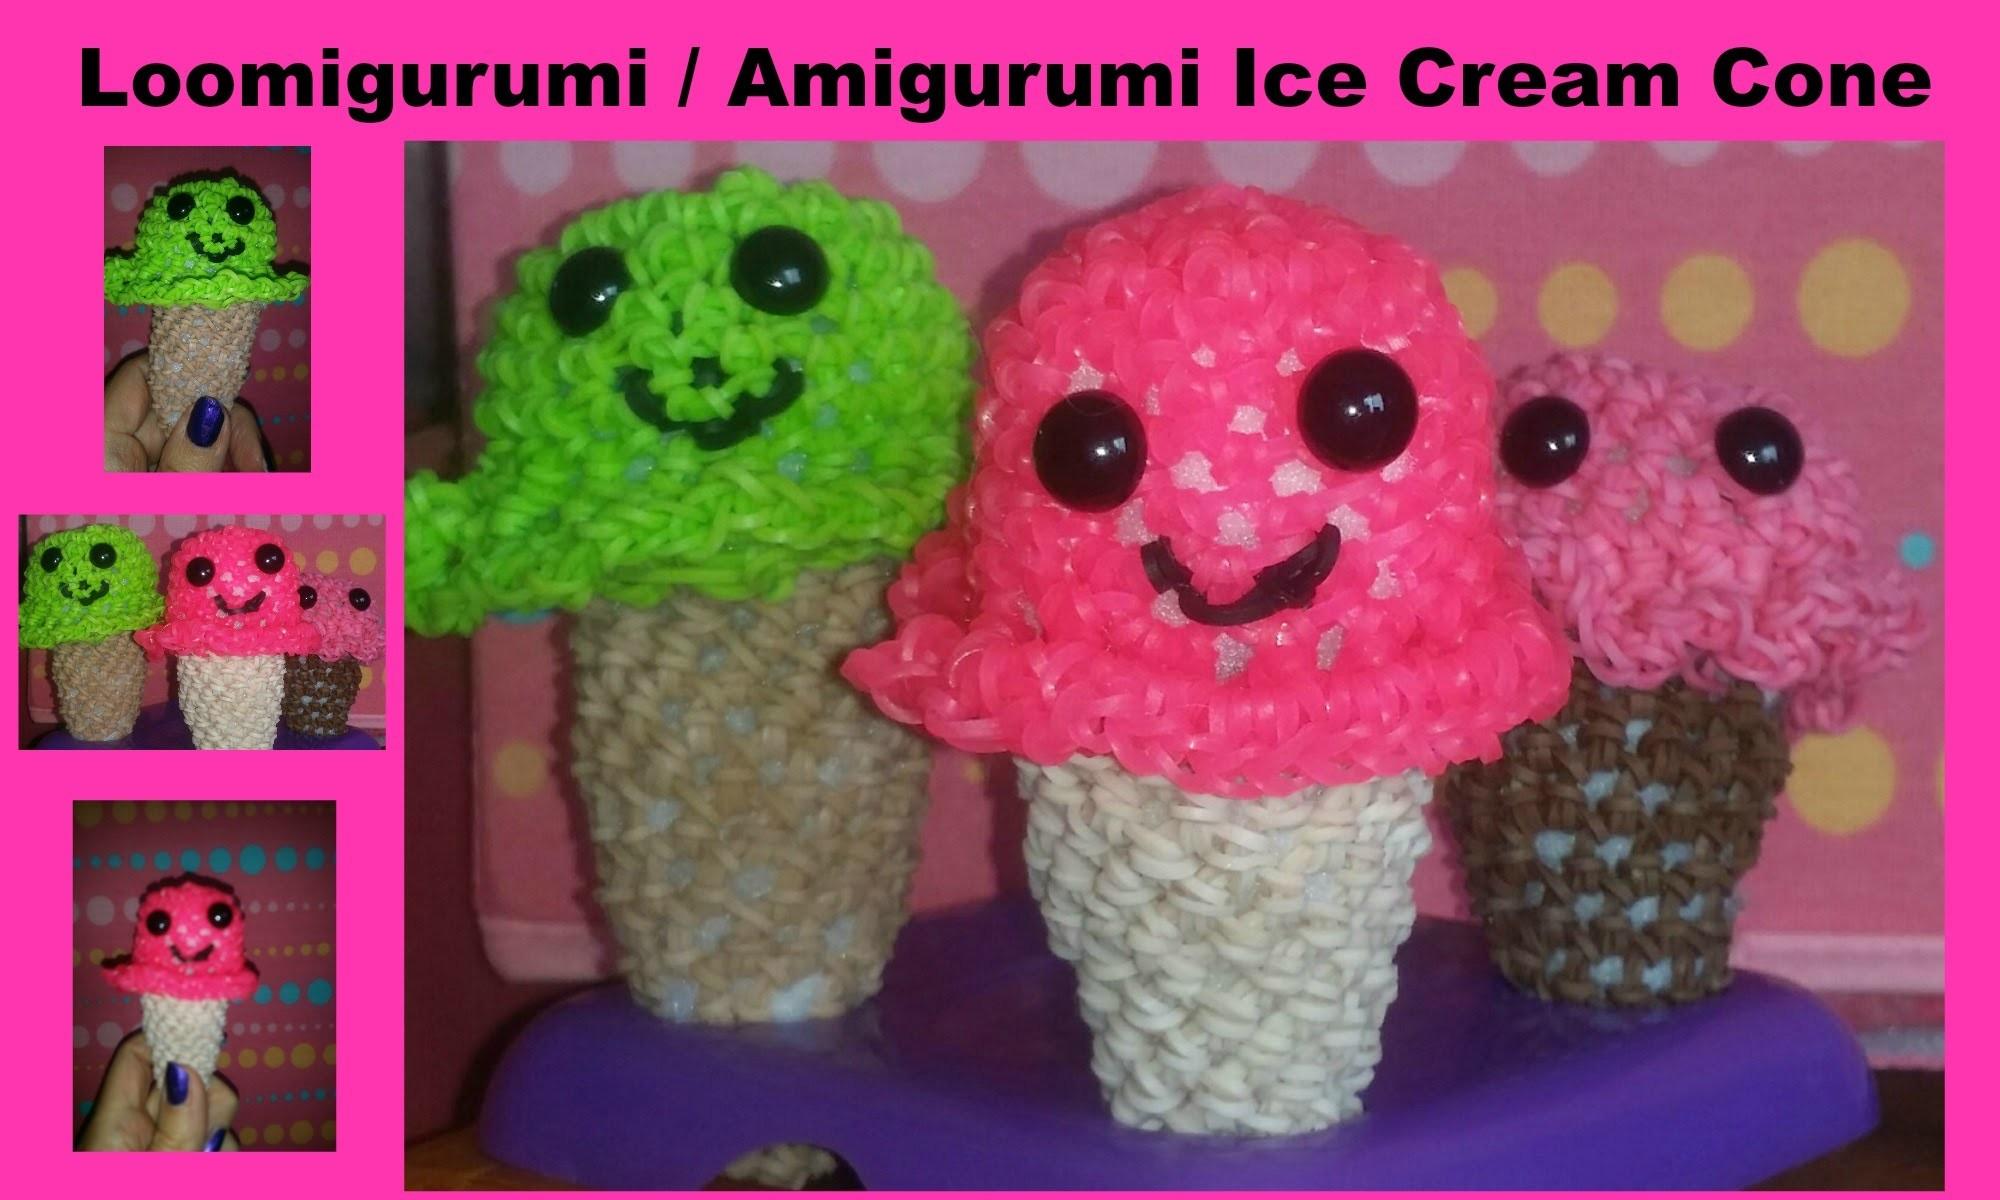 RAINBOW LOOM ICE CREAM CONE AMIGURUMI LOOMIGURUMI LOOMLESS